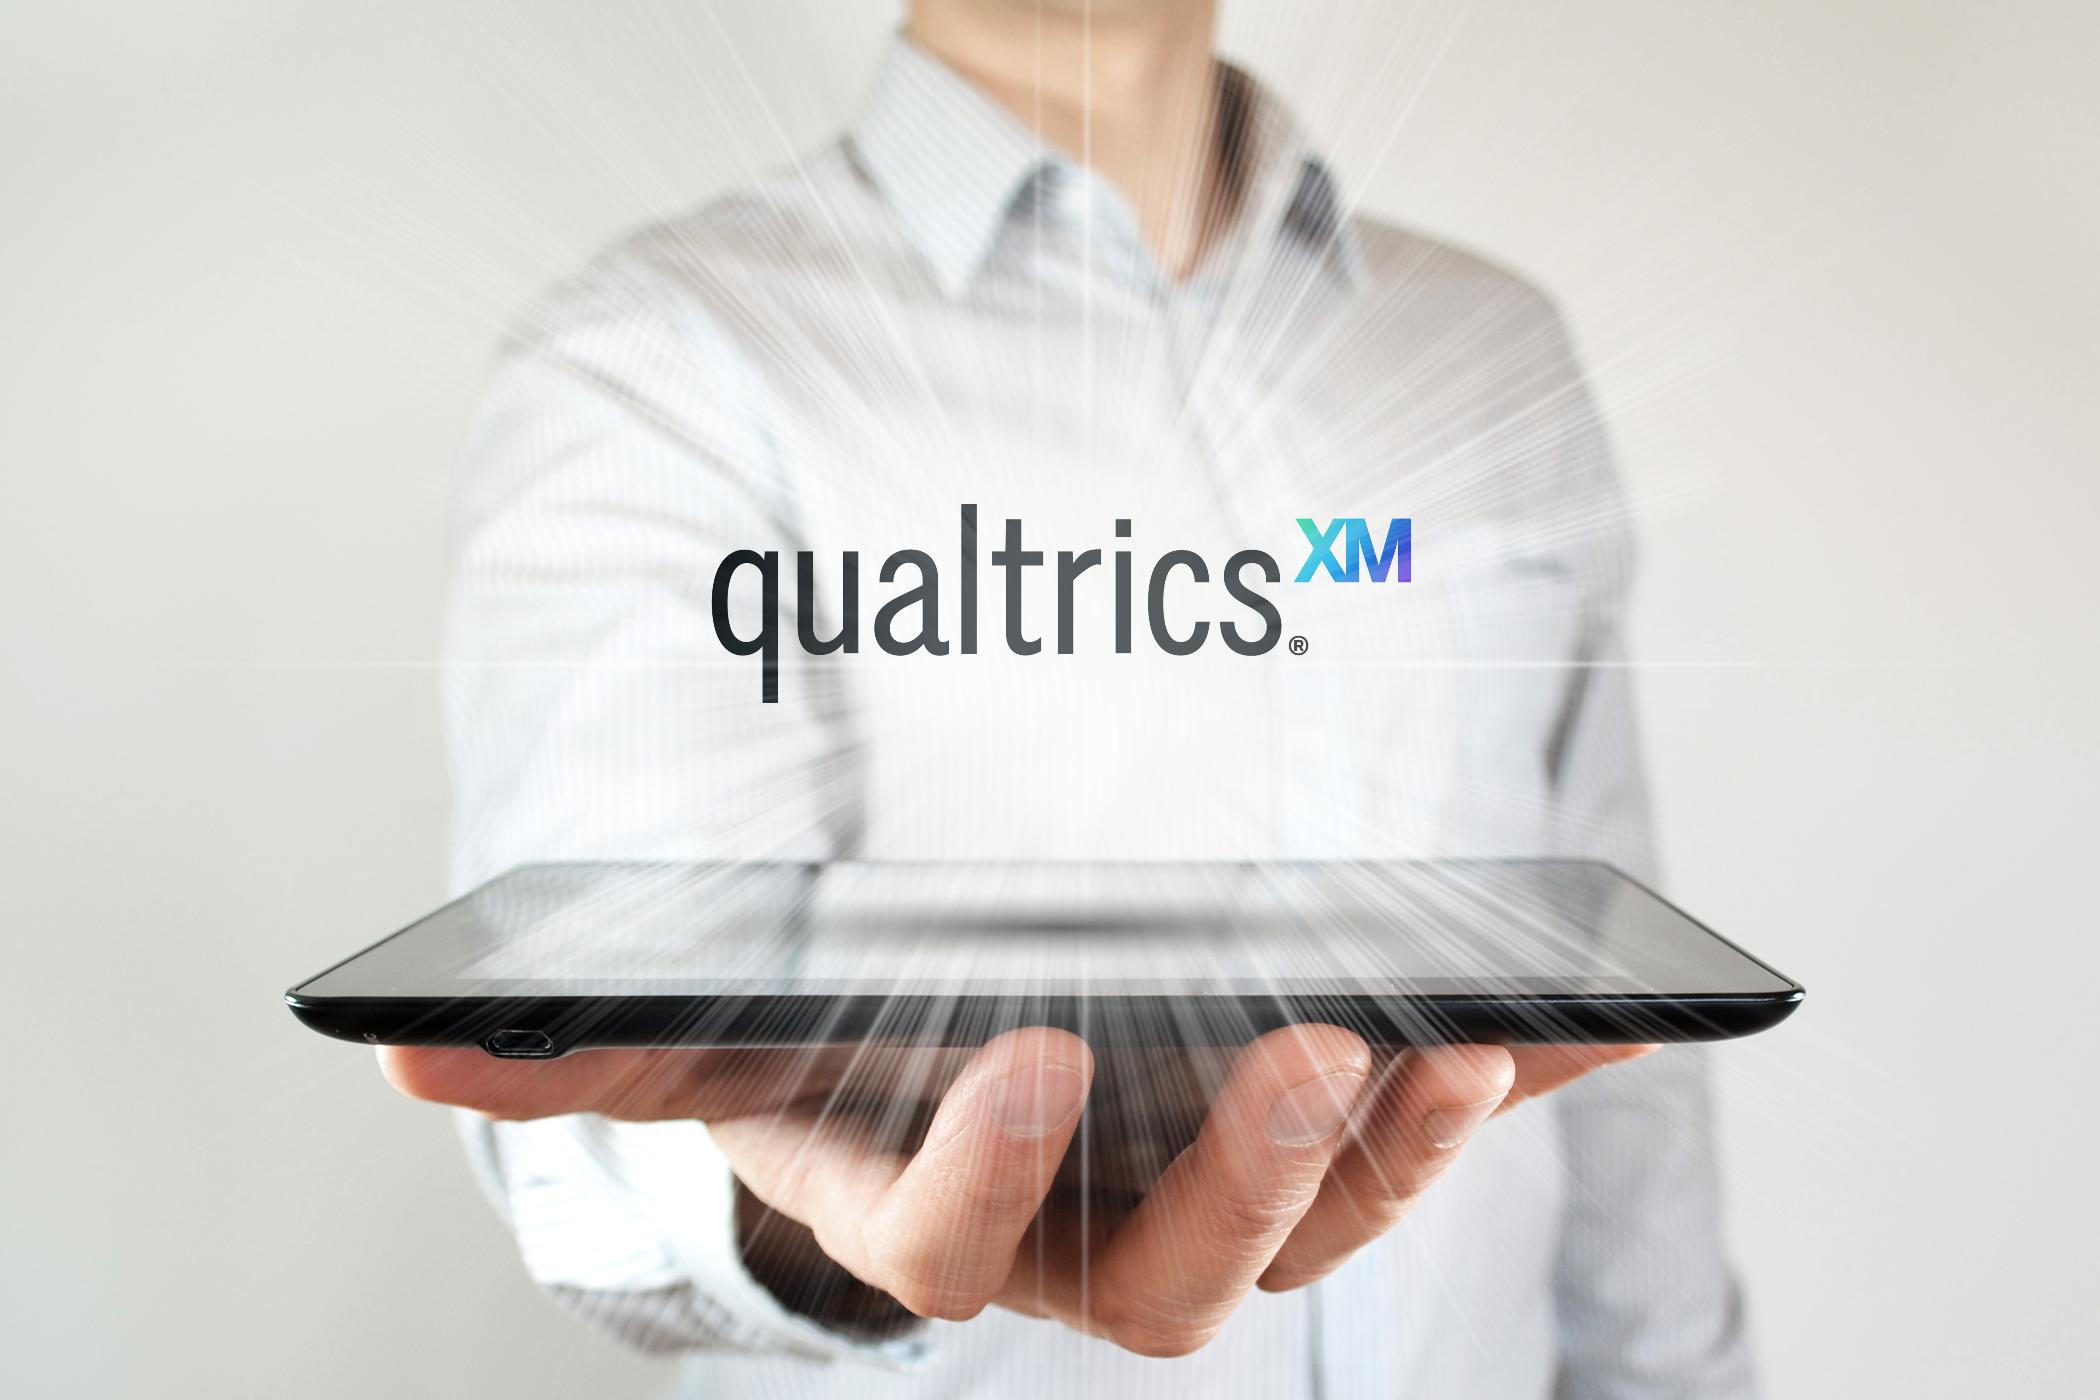 Qualtrics Initial Public Offering IPO